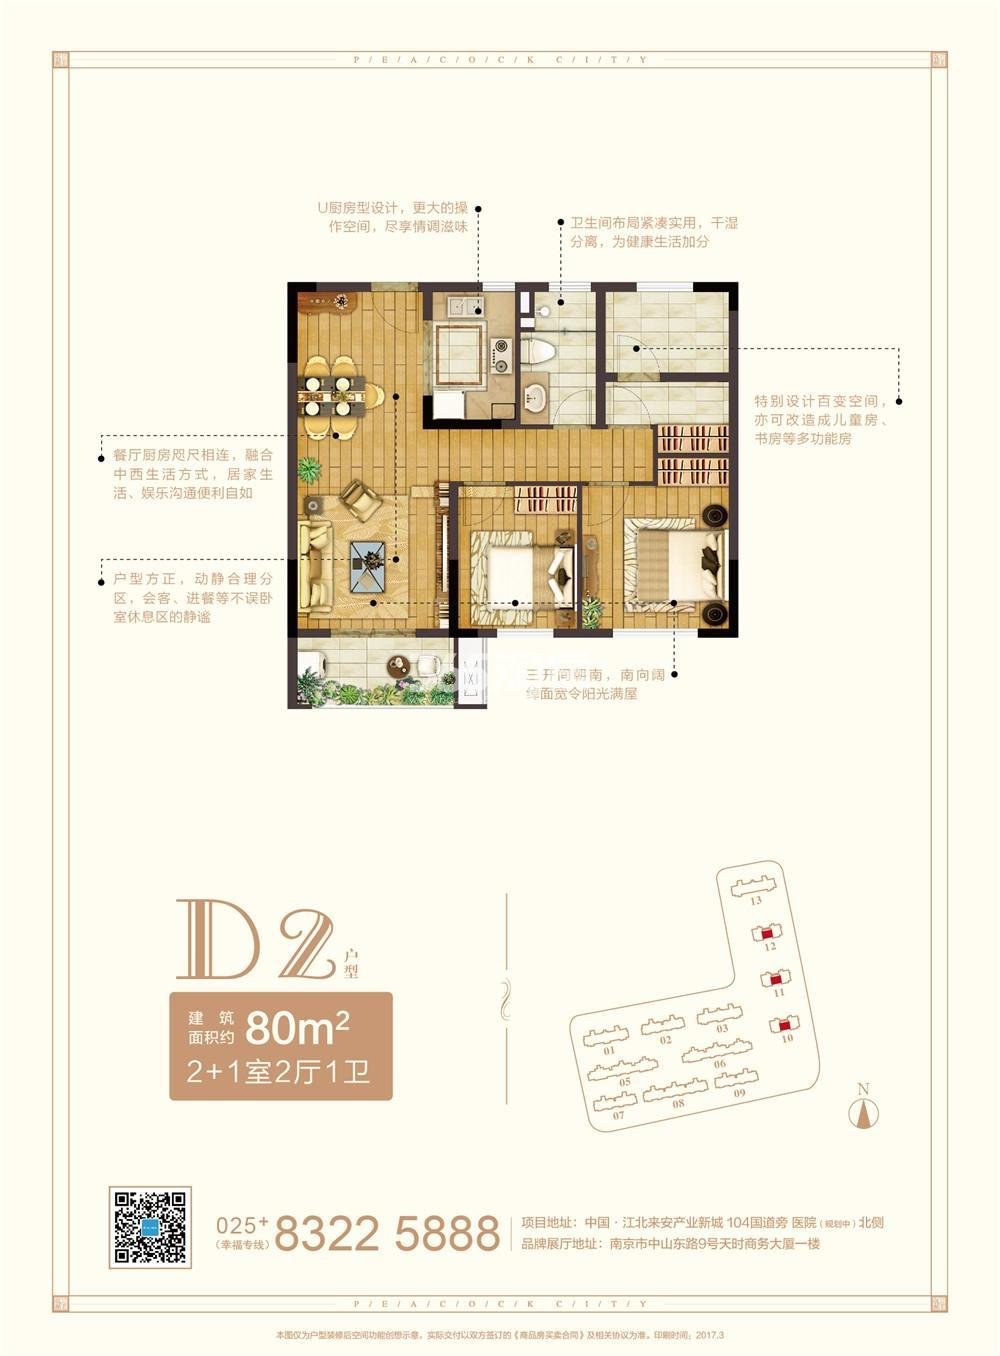 新江北孔雀城三期高层D2户型图